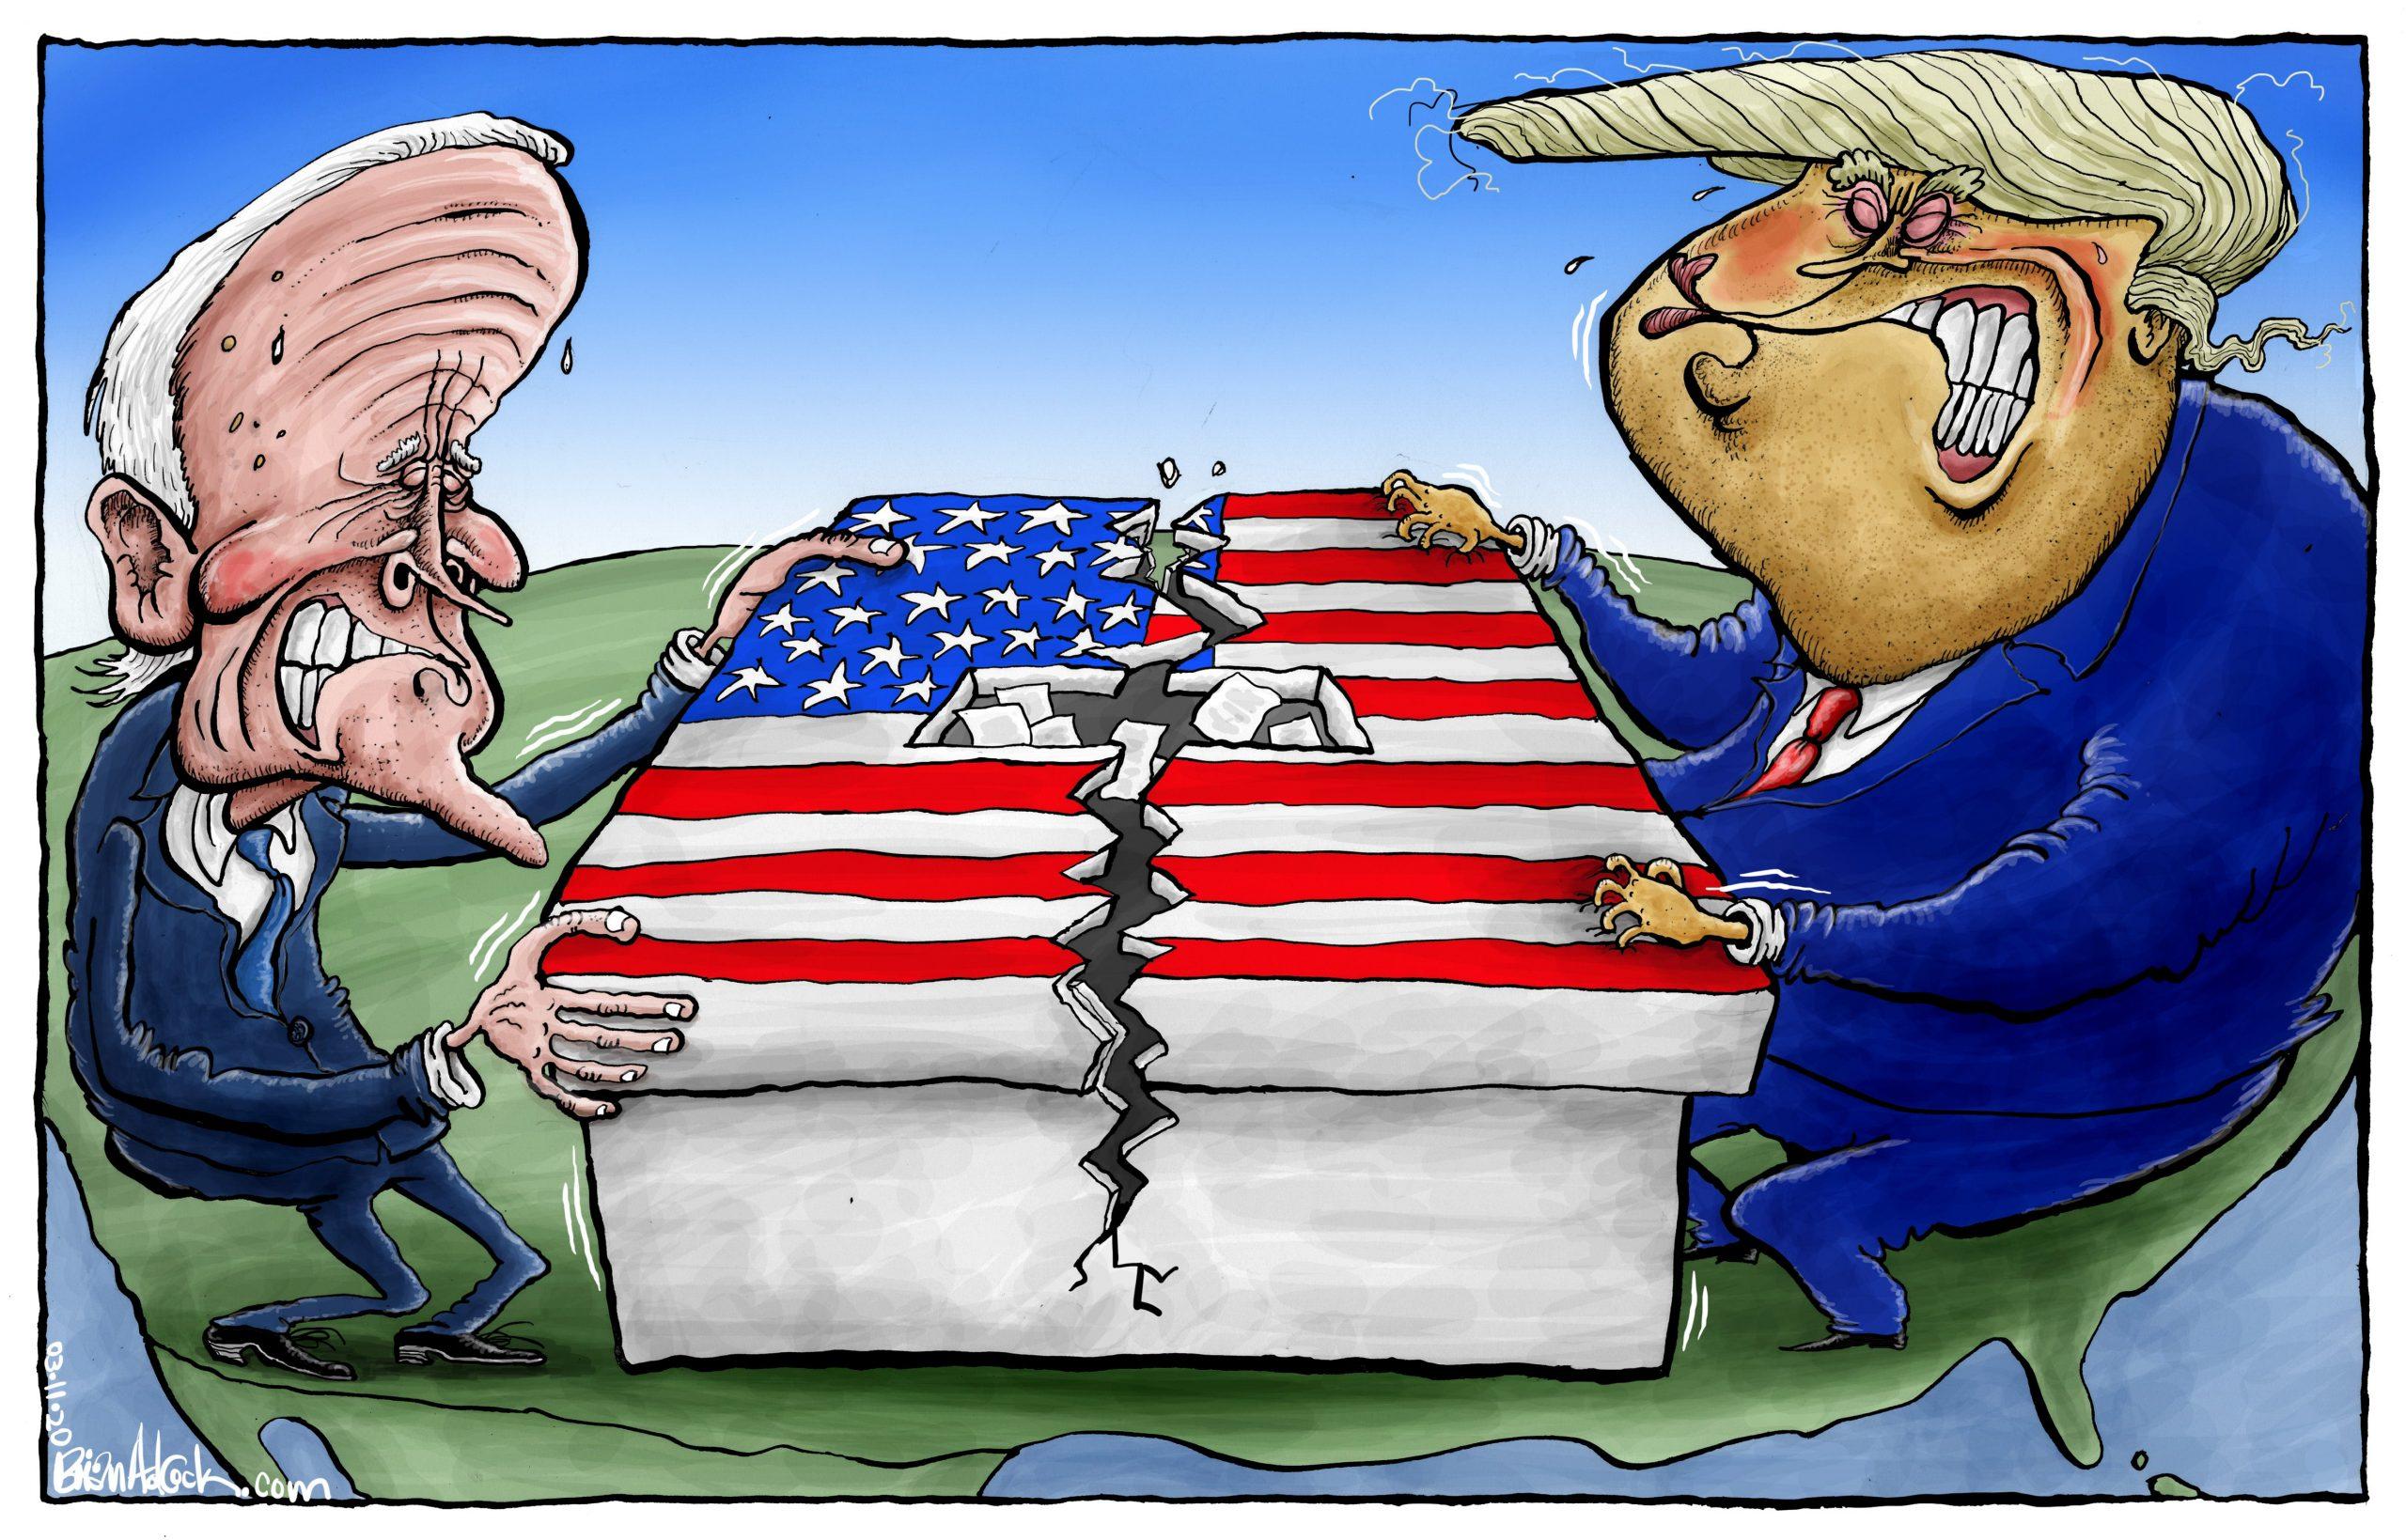 La guerra en EEUU: ¿de las elecciones al enfrentamiento armado? Por Manuel Salvador Espinoza Jarquín